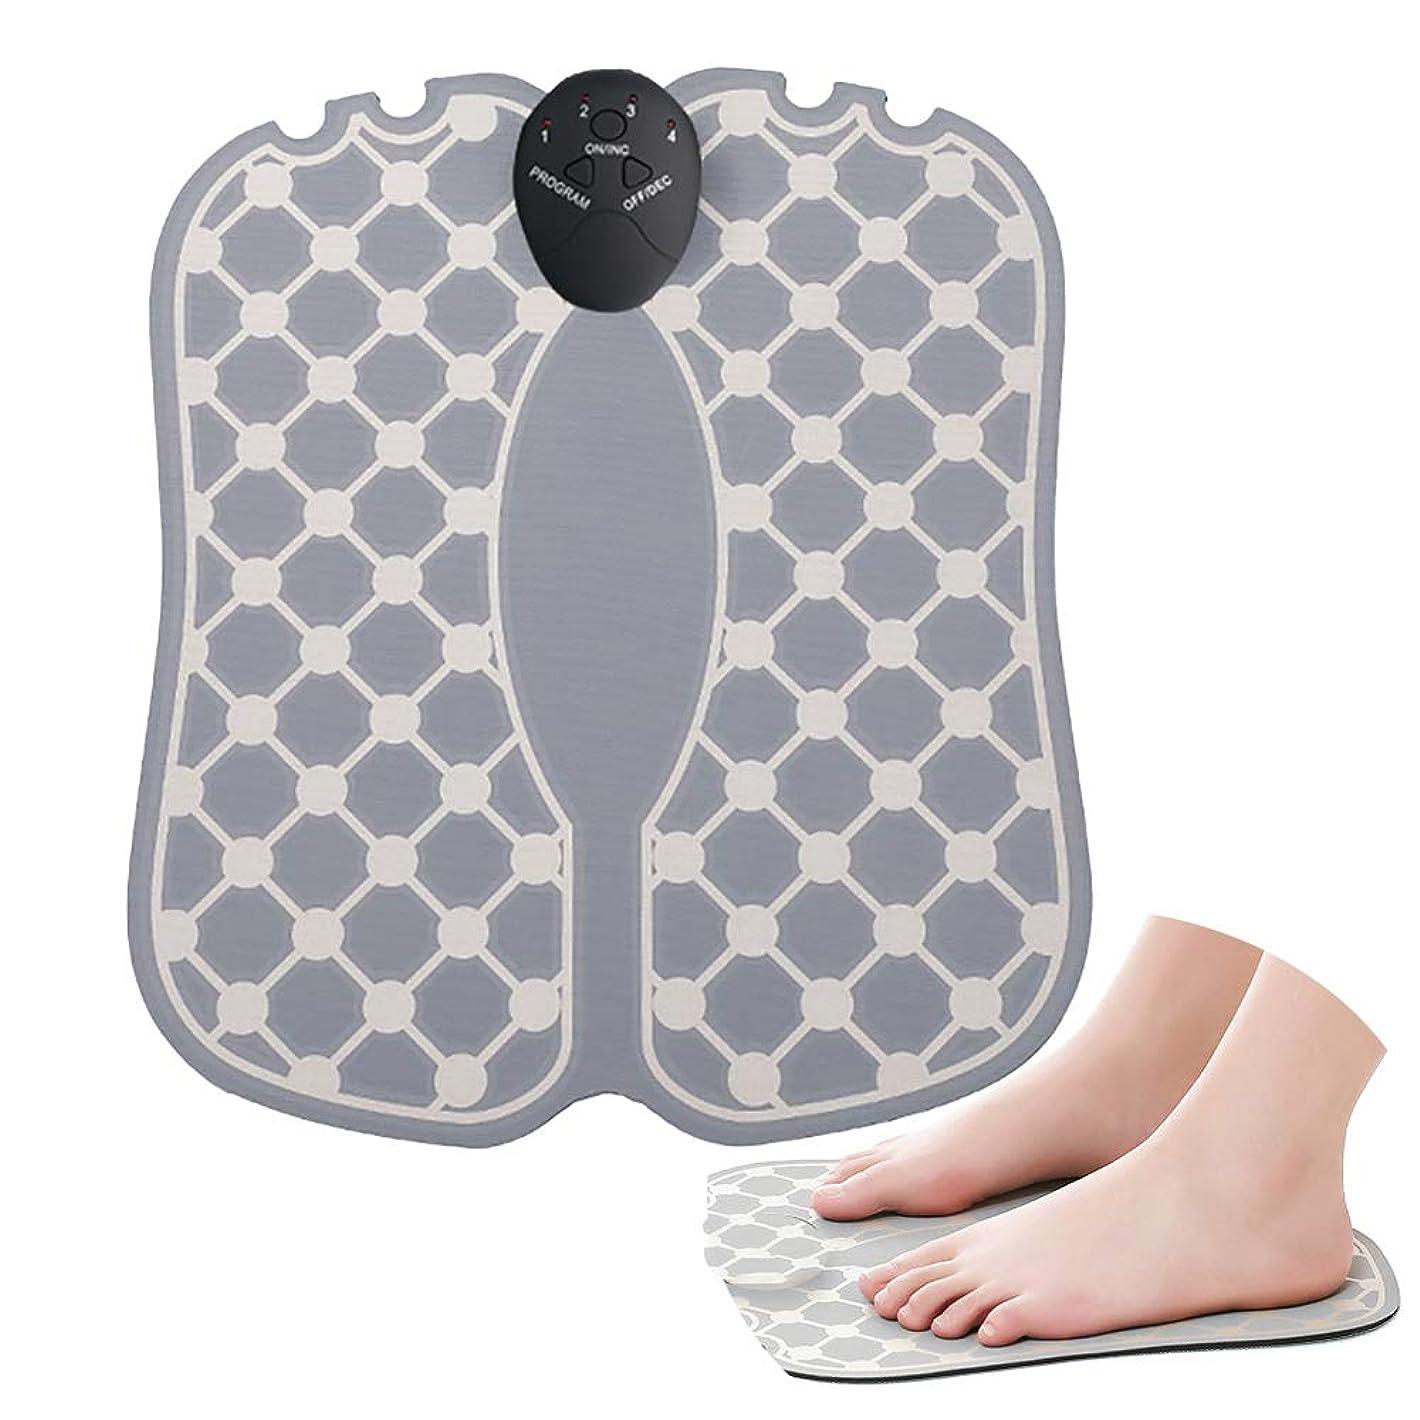 印象的おなかがすいたズームインする足のマッサージトマッサージャーフットマッサージャーEMSの減圧は深いティッシュ、足の器械が付いている苦痛の足を緩めます